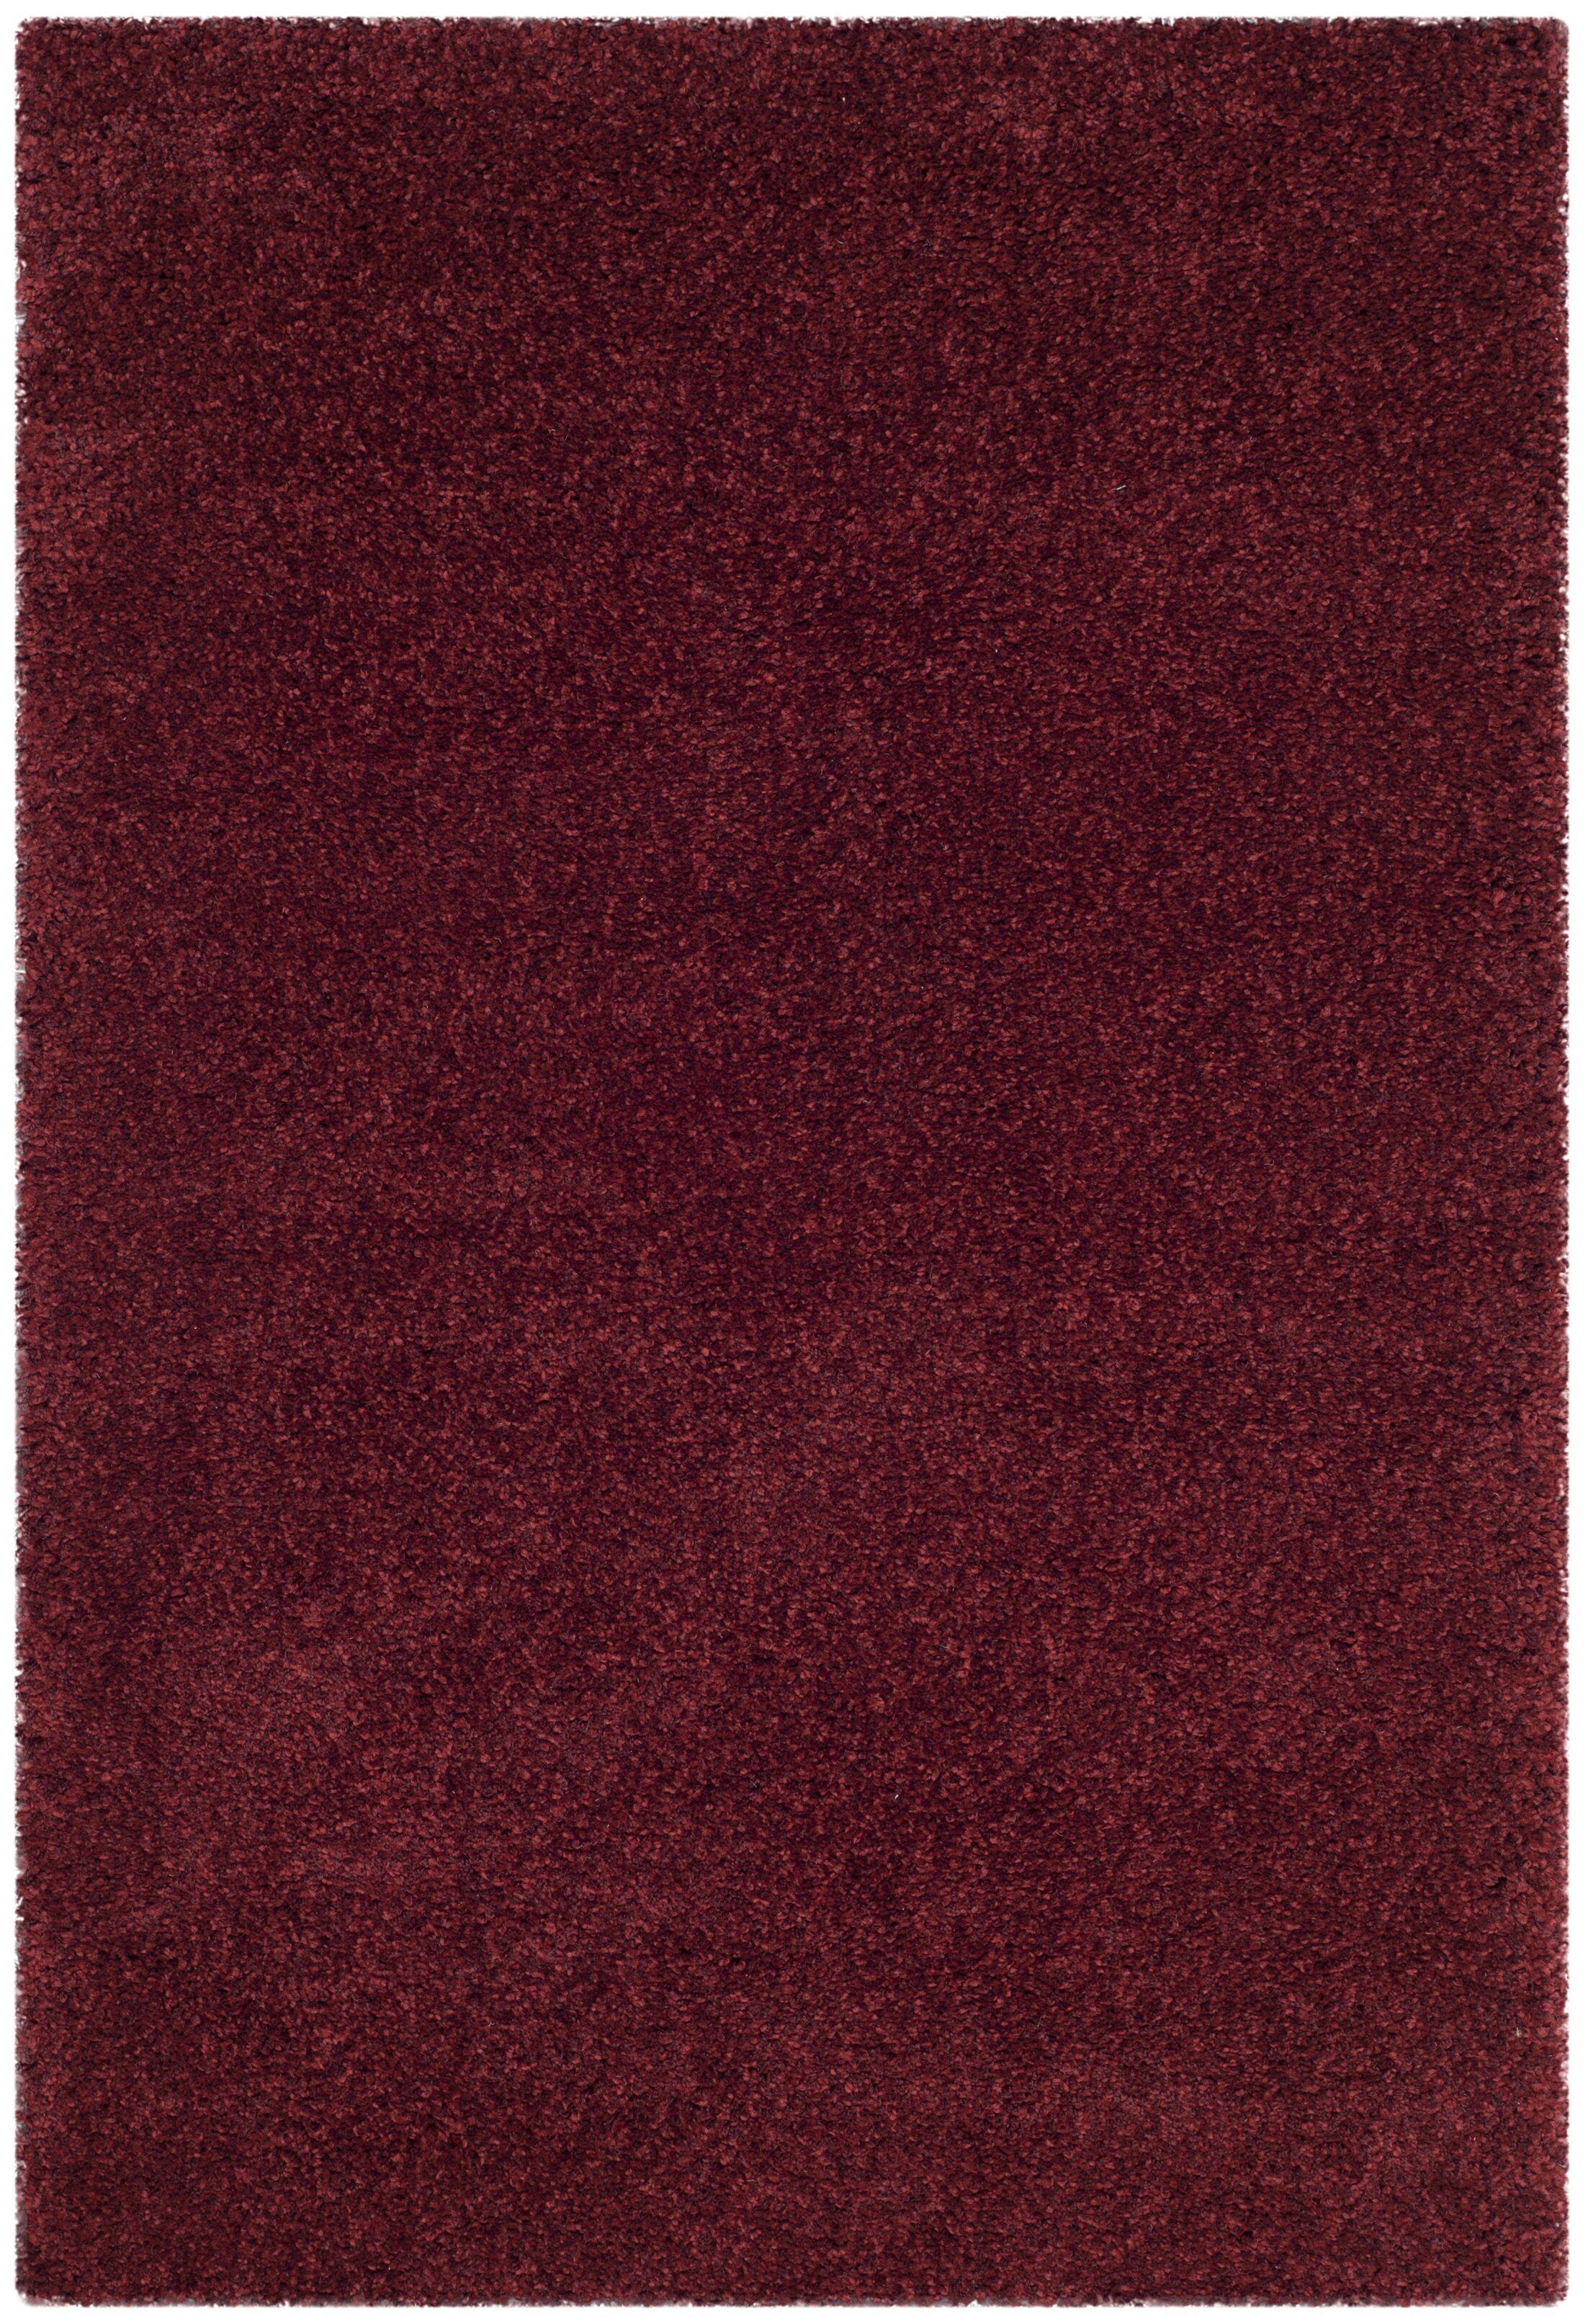 Brickner Red Area Rug Rug Size: Square 6'7